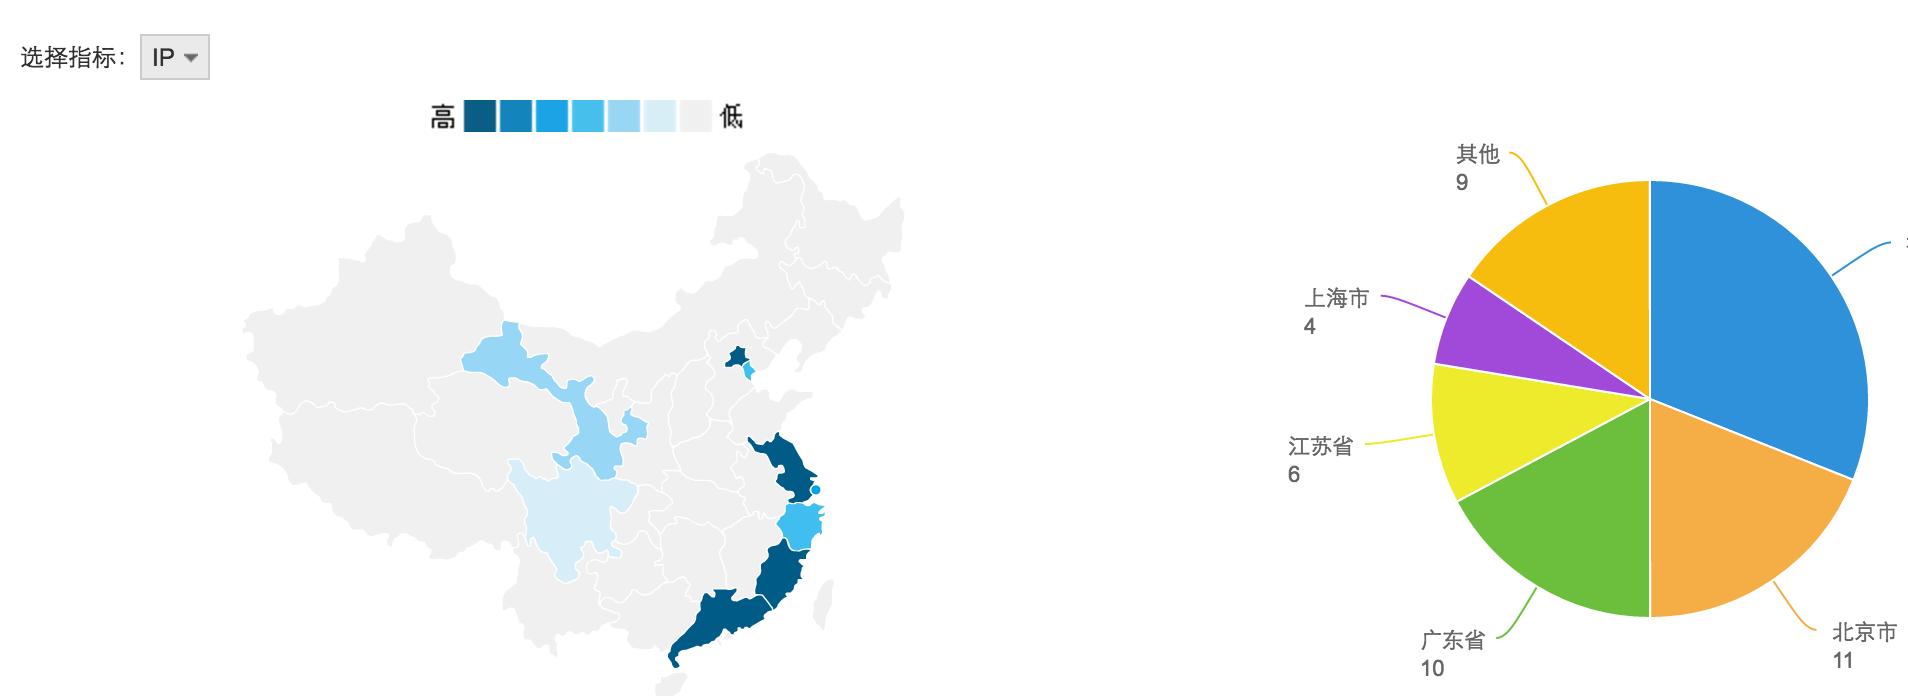 用户分析-地区分布